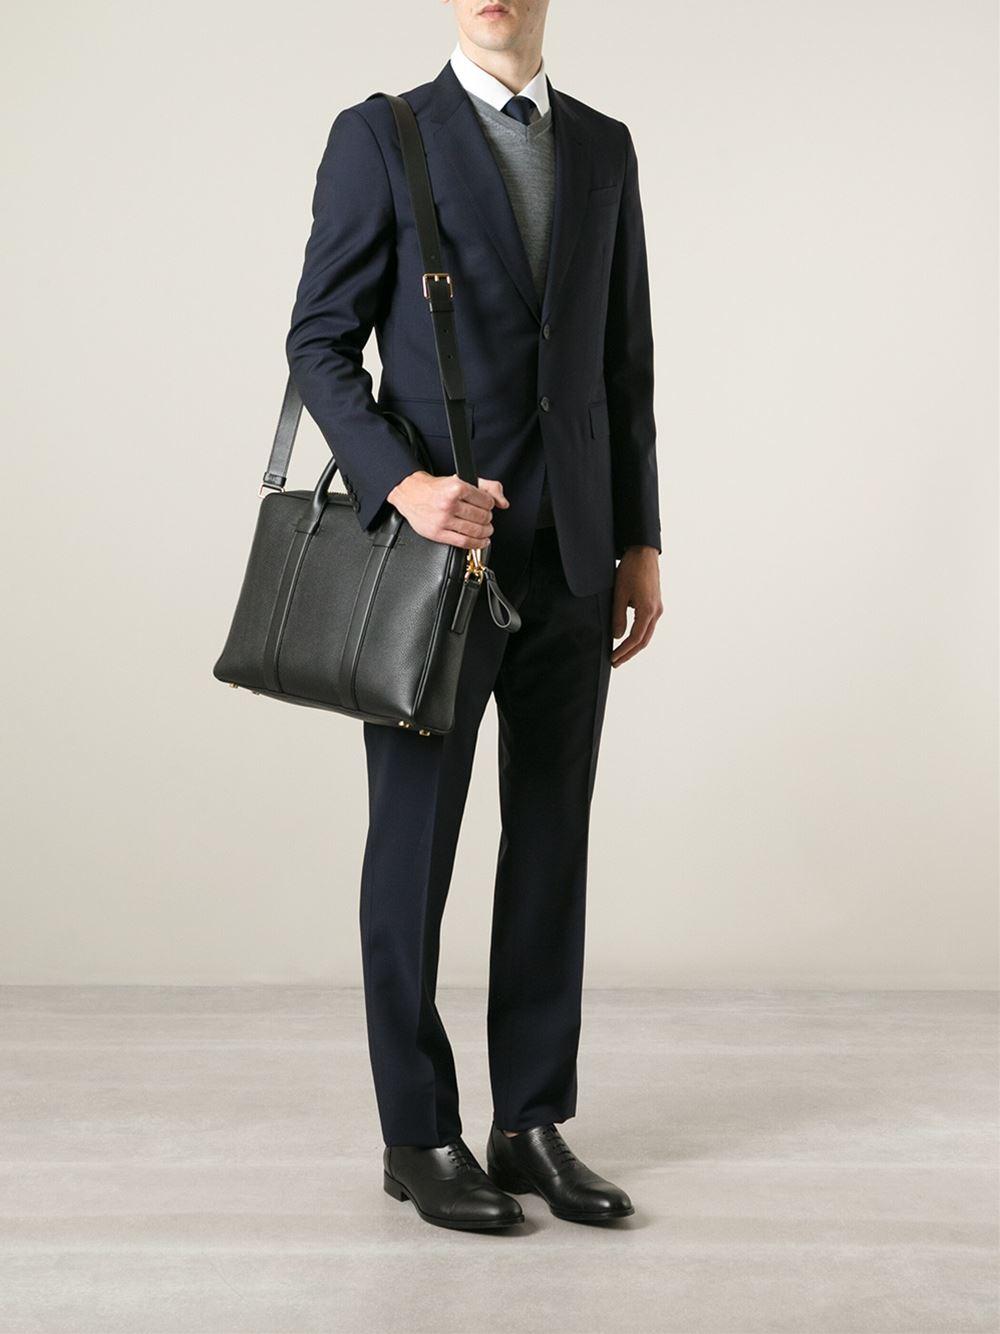 lyst tom ford zipped laptop bag in black for men. Black Bedroom Furniture Sets. Home Design Ideas